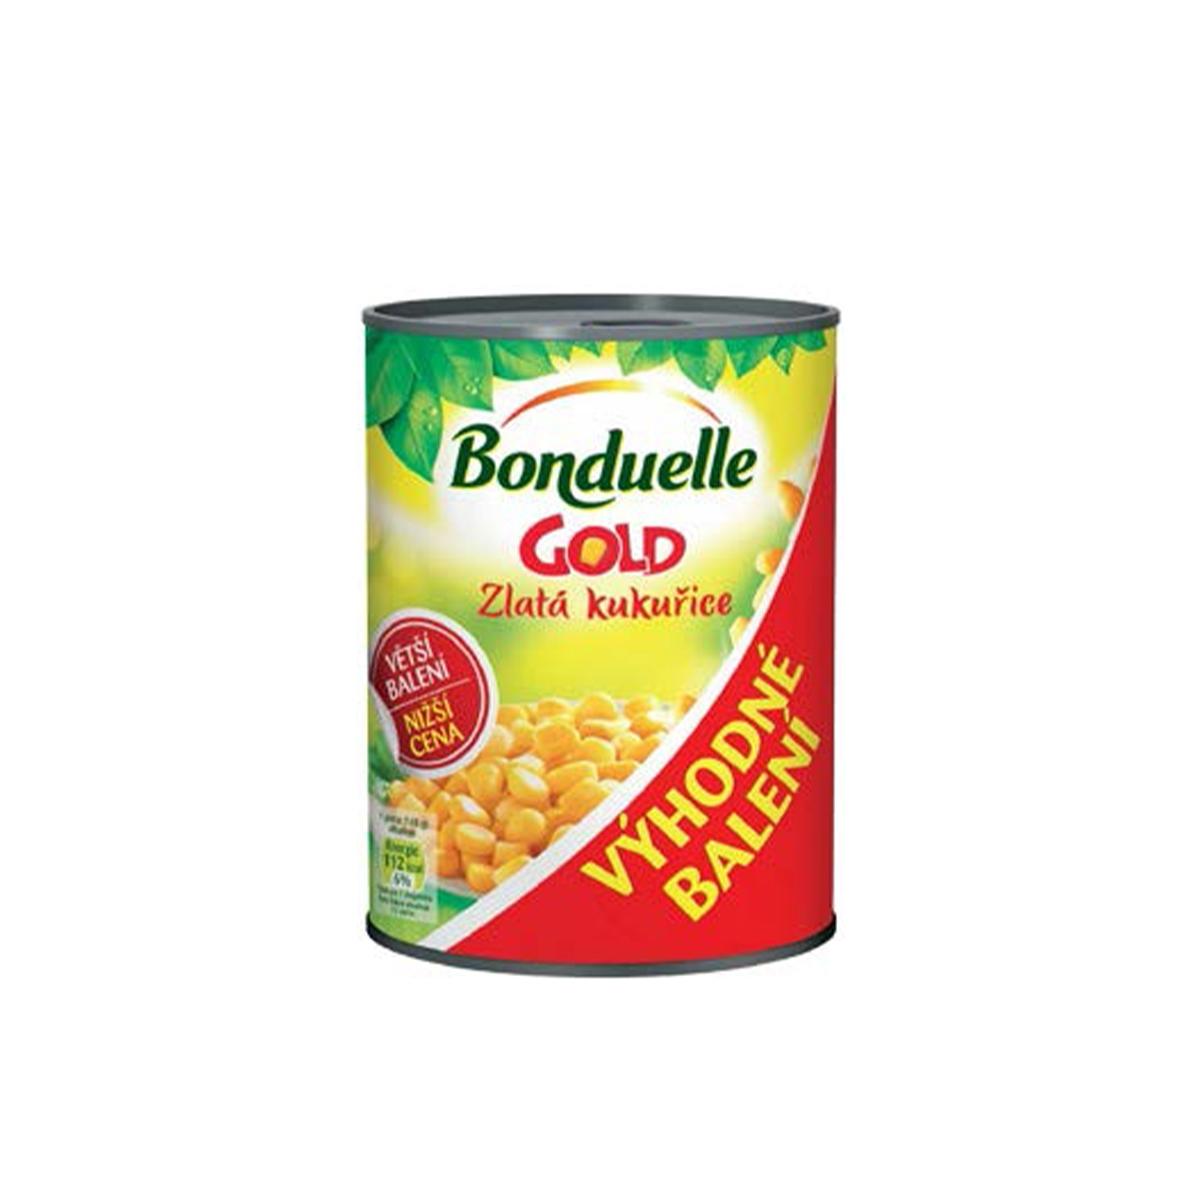 Bonduelle Zlatá Kukuřice výhodné balení 440 g